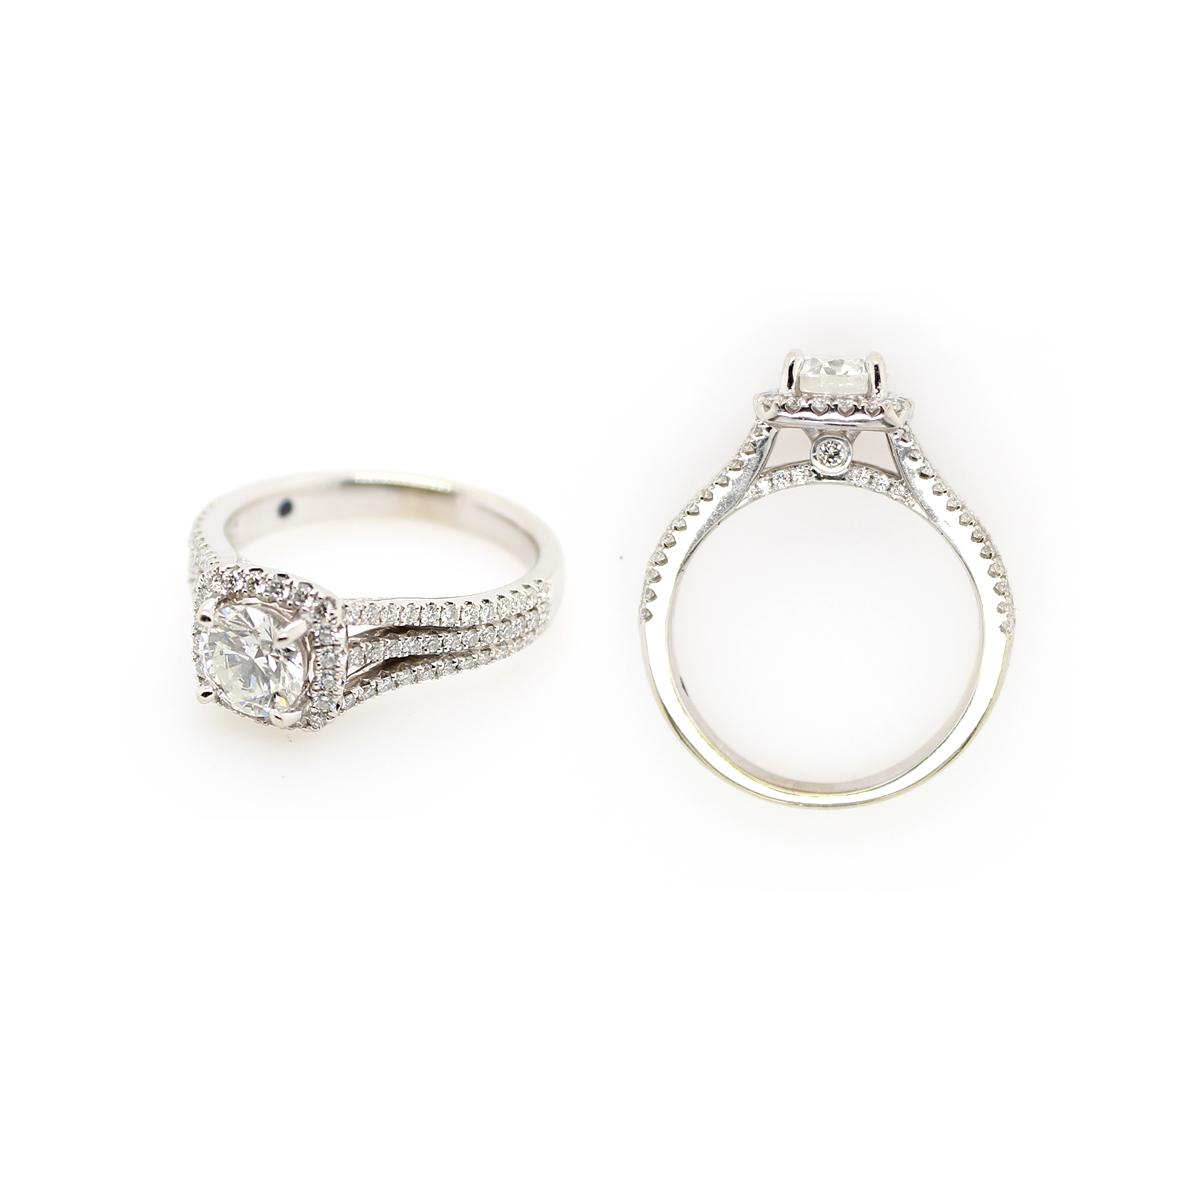 Vintage 14 Karat White Gold GIA Certified Diamond Bridal Ring